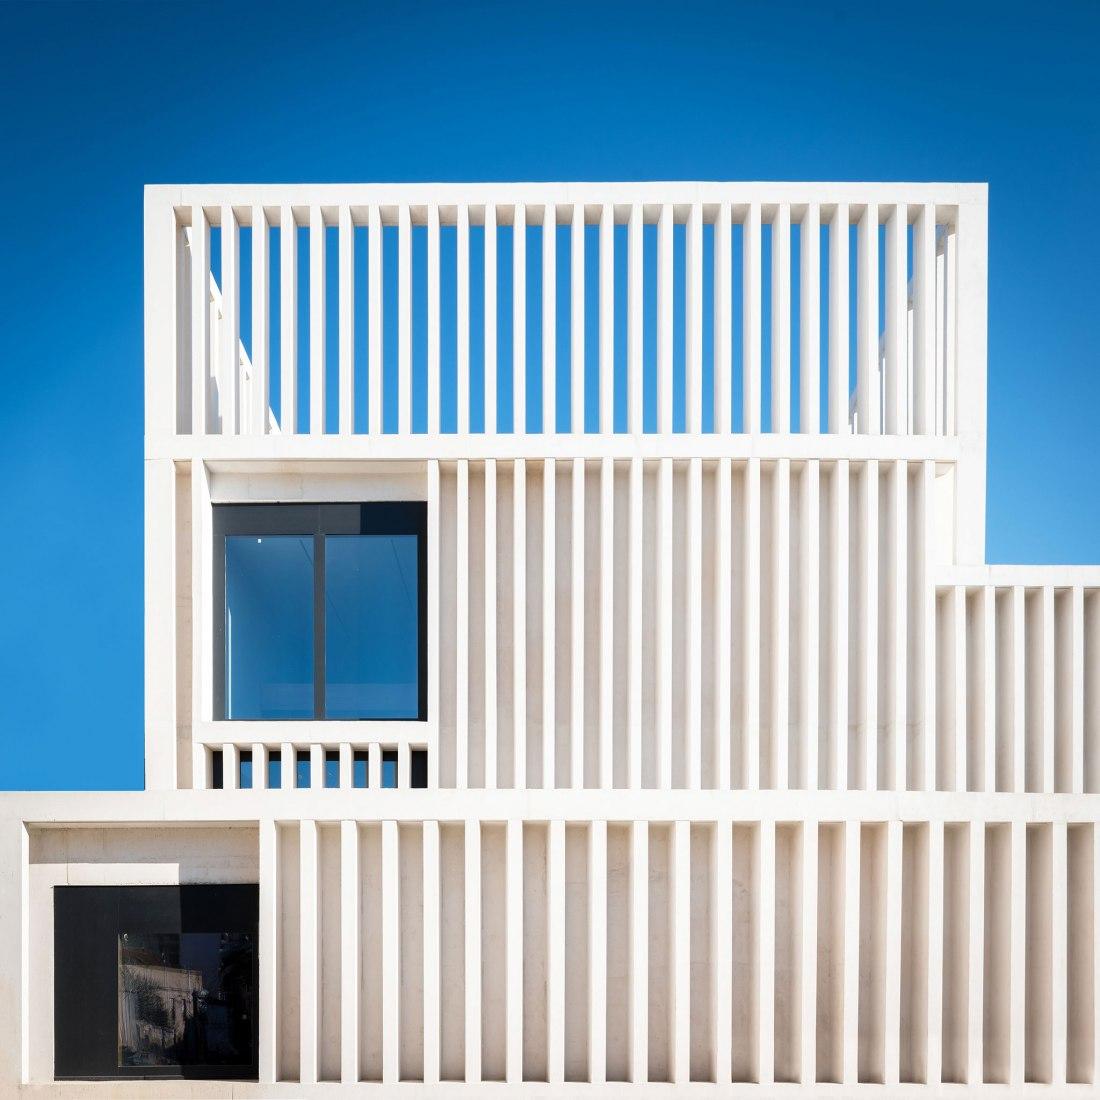 Museum of Contemporary Art Helga de Alvear by Emilio Tuñón Arquitectos. Photography by Alberto Amores & Pancho Matienzo